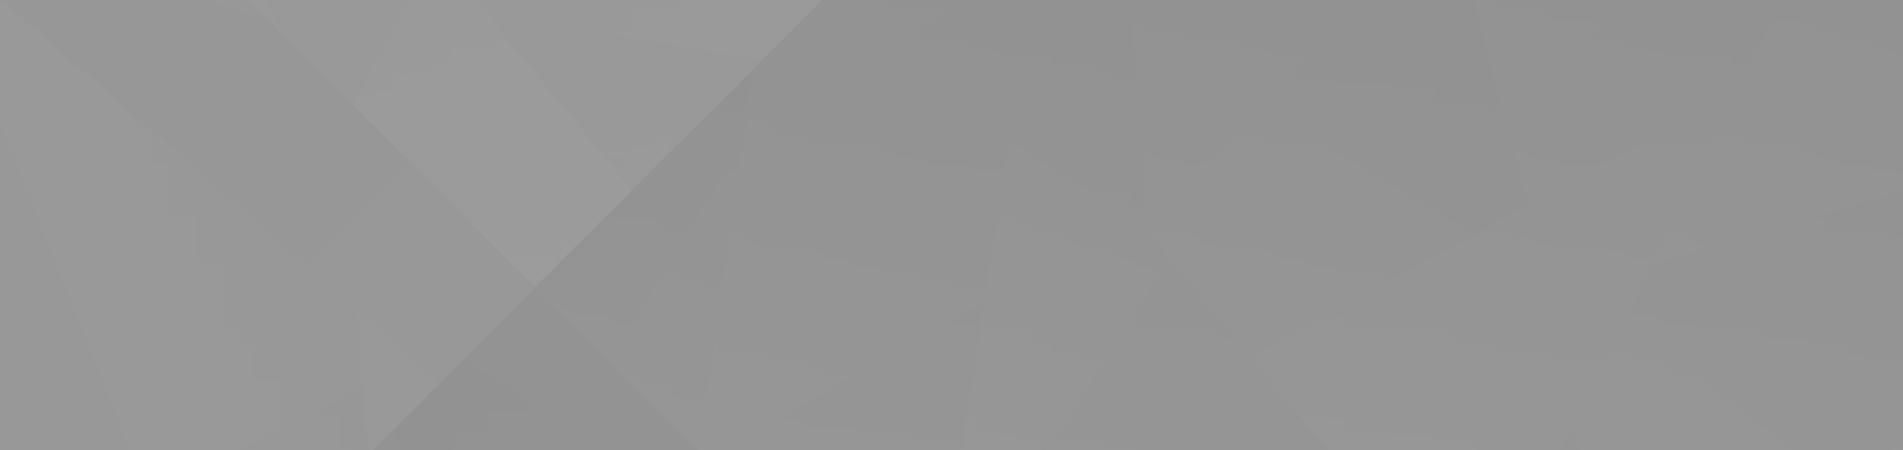 bg-slide-gray